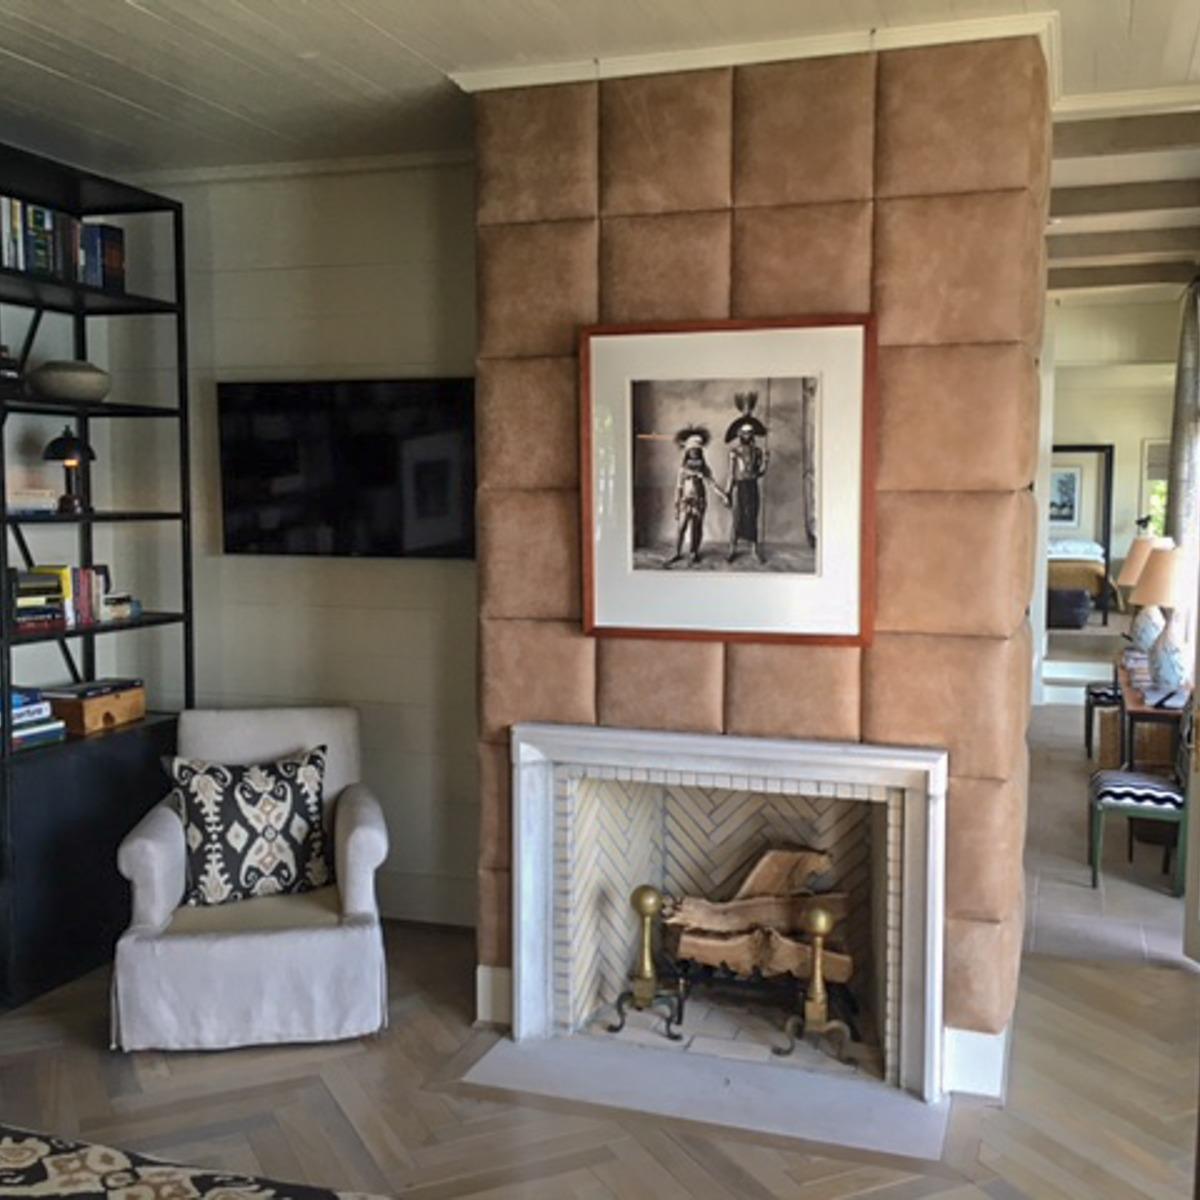 le foyer non utilisé, decoré avec une porte-bûches